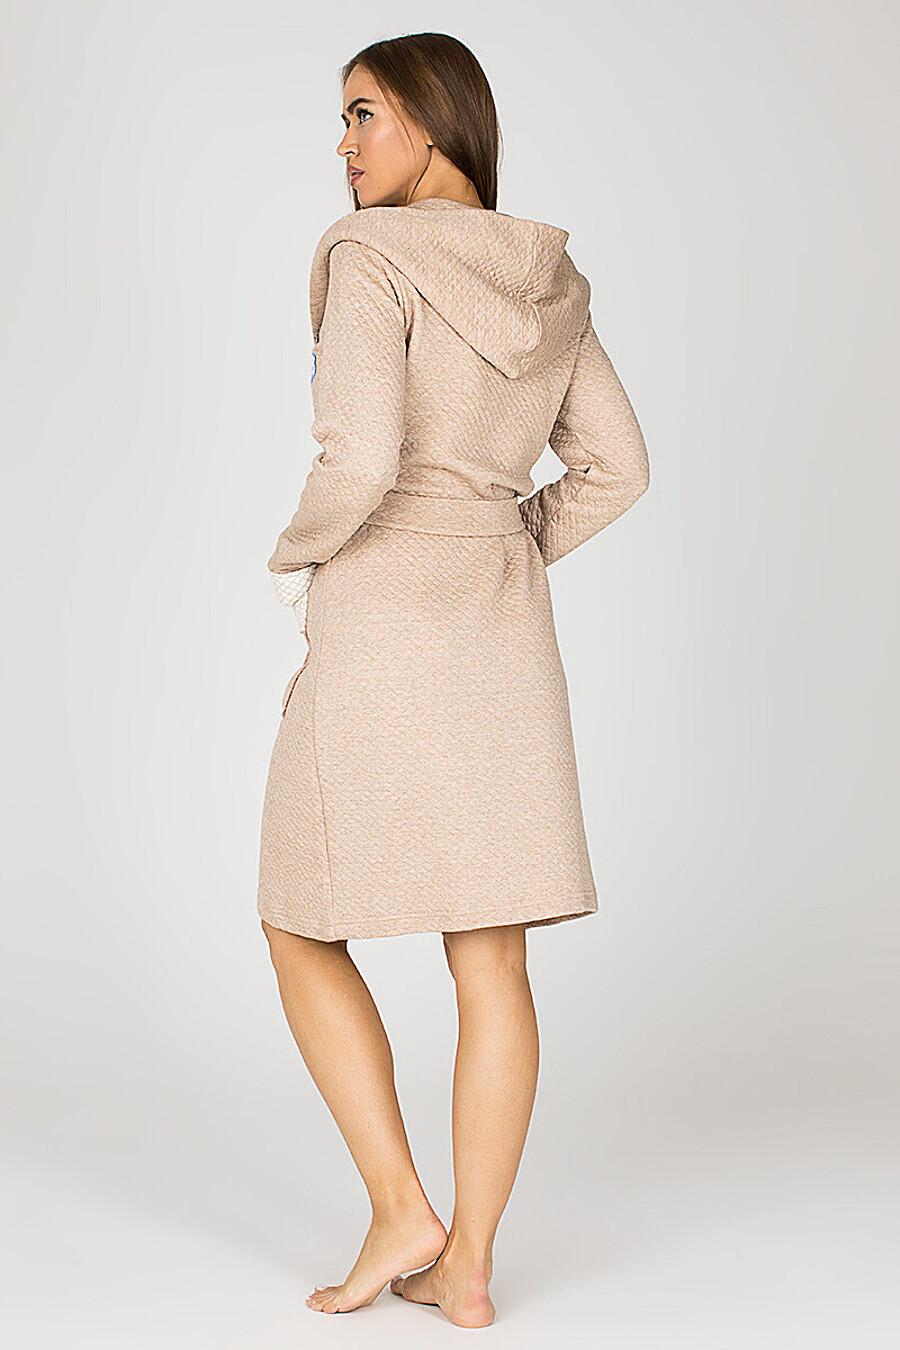 Халат для женщин PE.CHITTO 169426 купить оптом от производителя. Совместная покупка женской одежды в OptMoyo